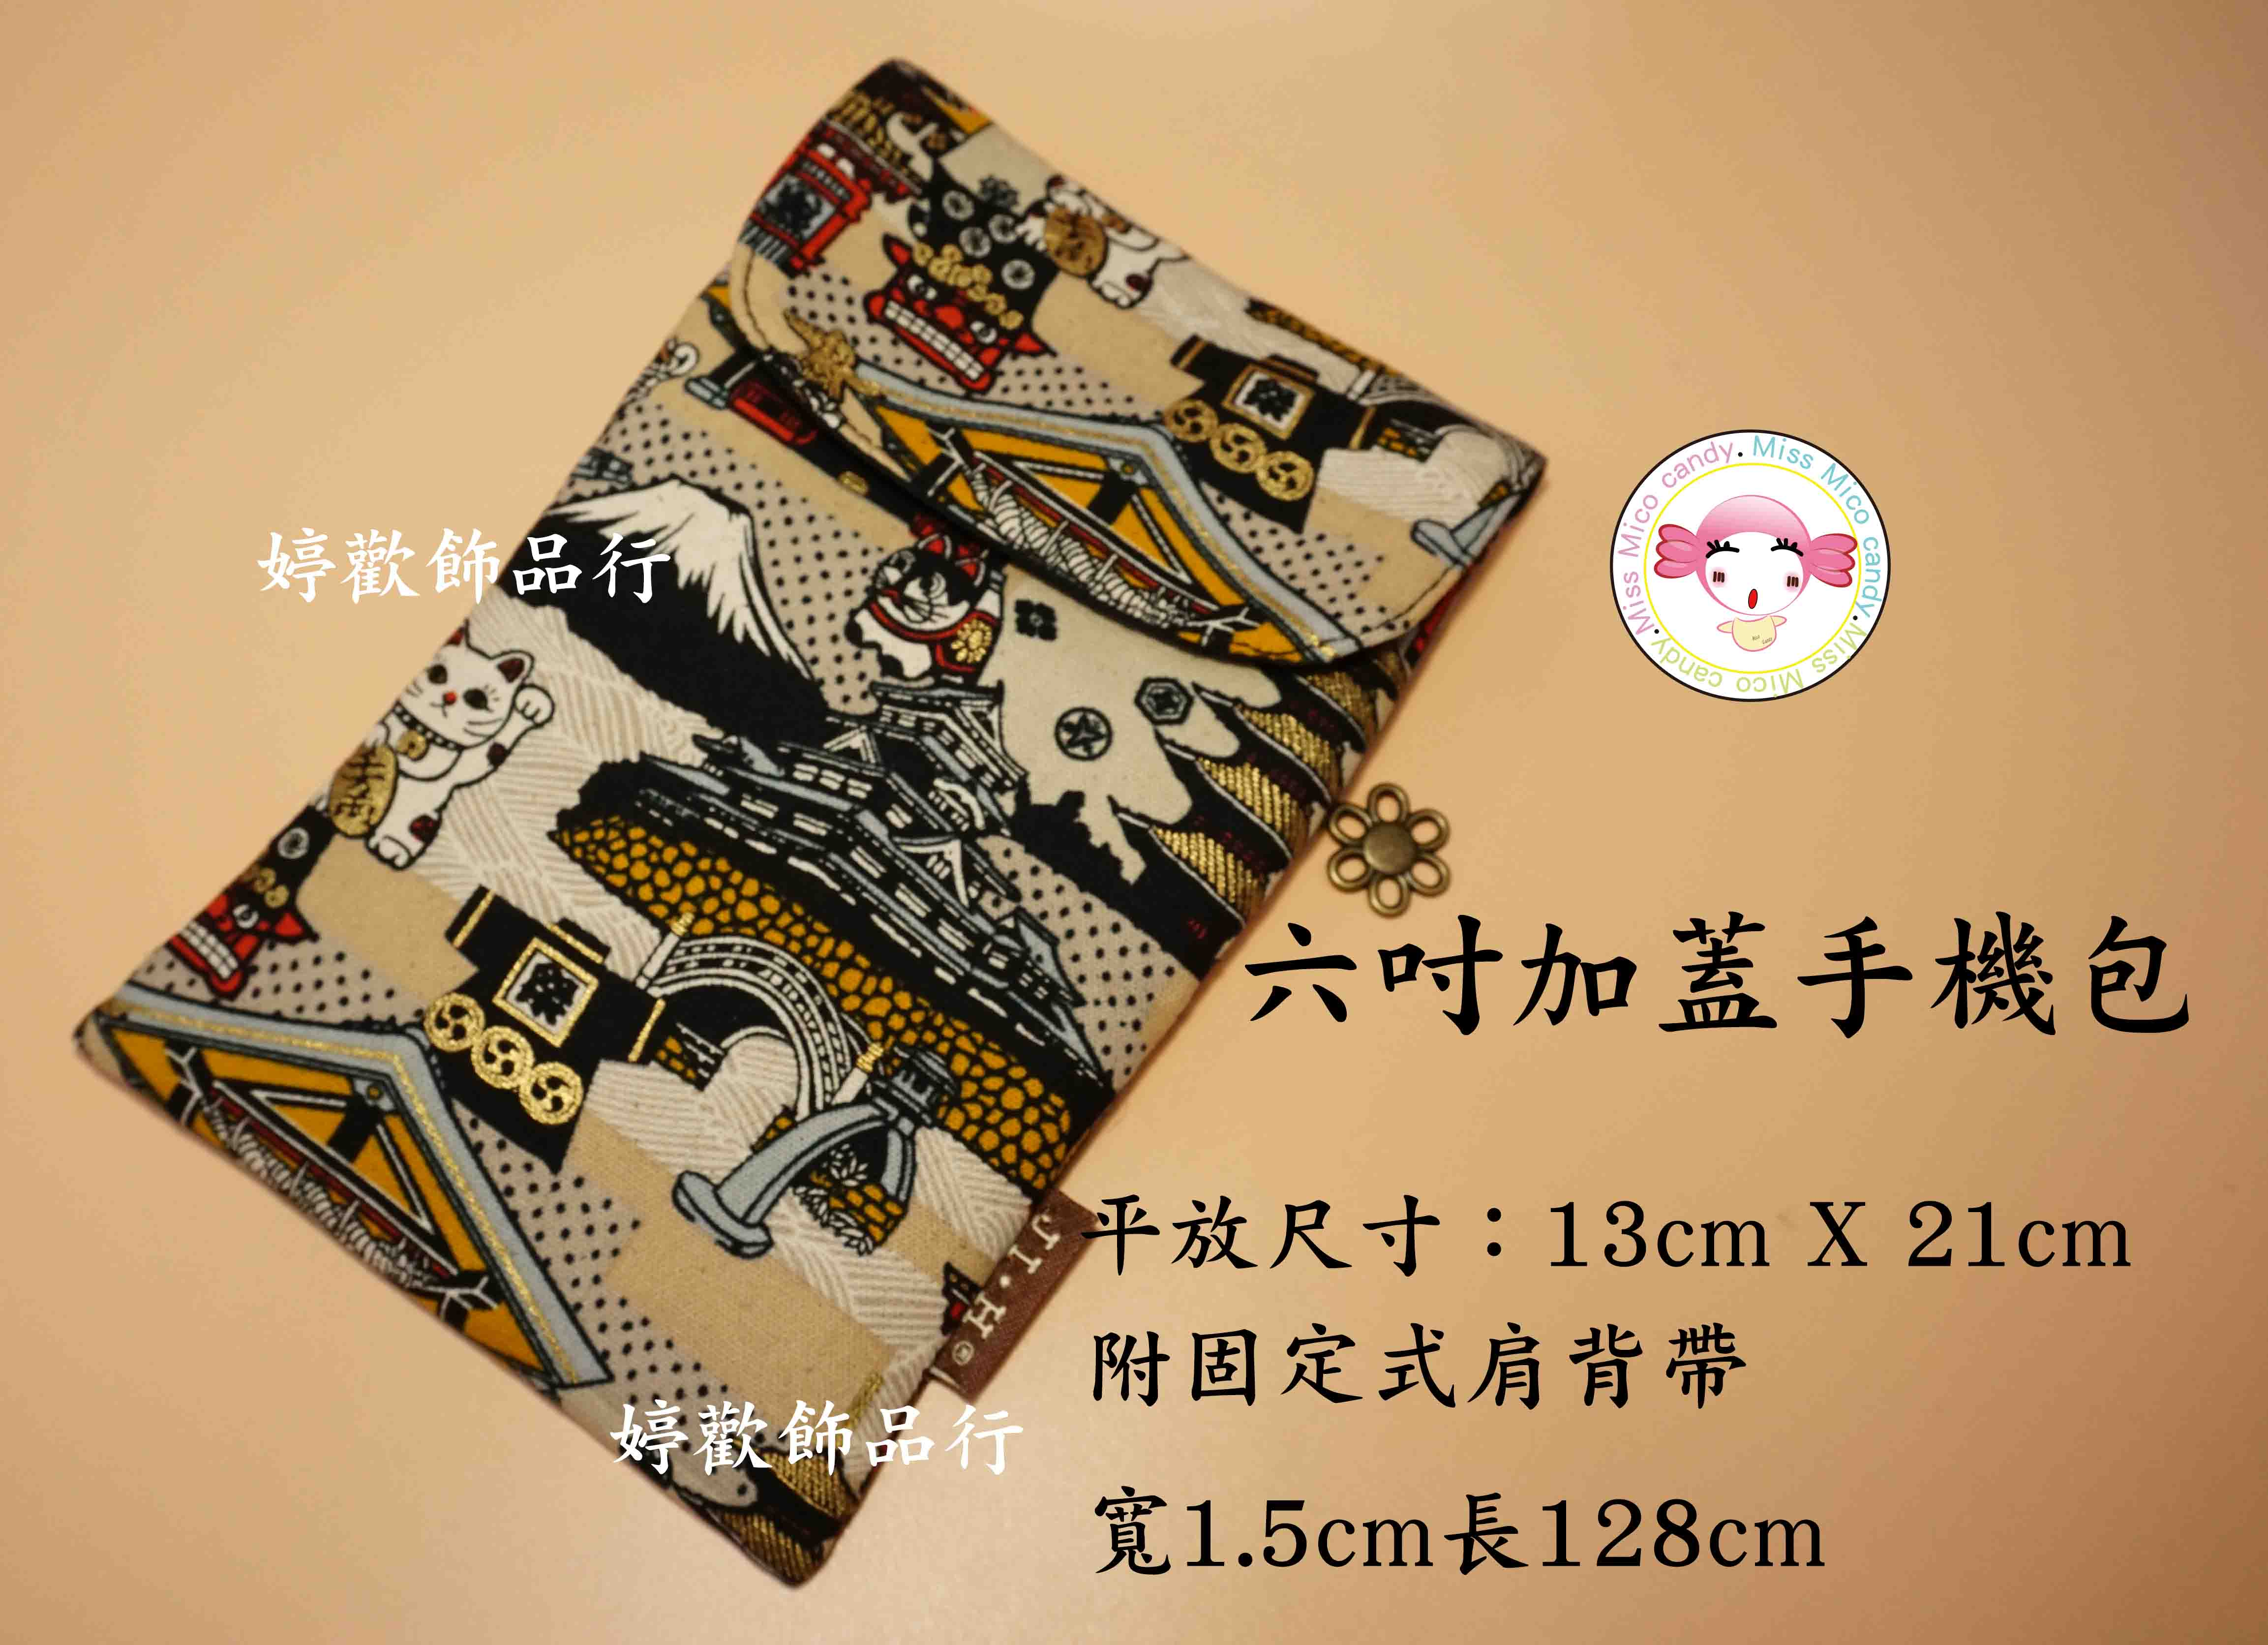 6吋加蓋側背手機袋相機包『casio zr.sony. Iphone . HTC . Samsung . 小米機』/京都招財貓